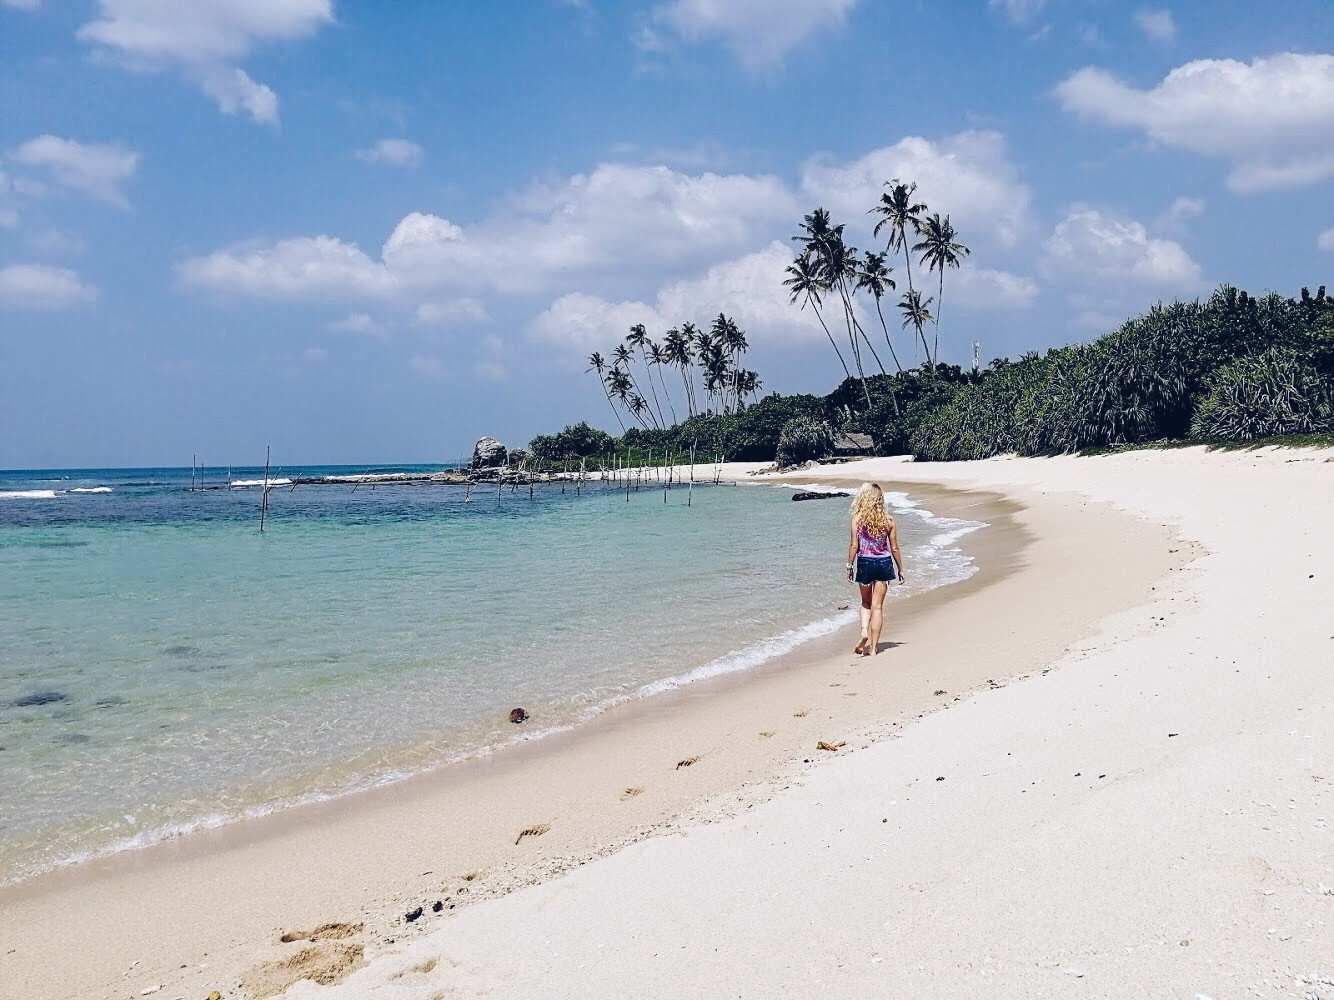 Guide de voyage Sri Lanka: comment y aller seul, reste au sri lanka, des prix, attractions, Commentaires, Photo | la vie est comme un voyage